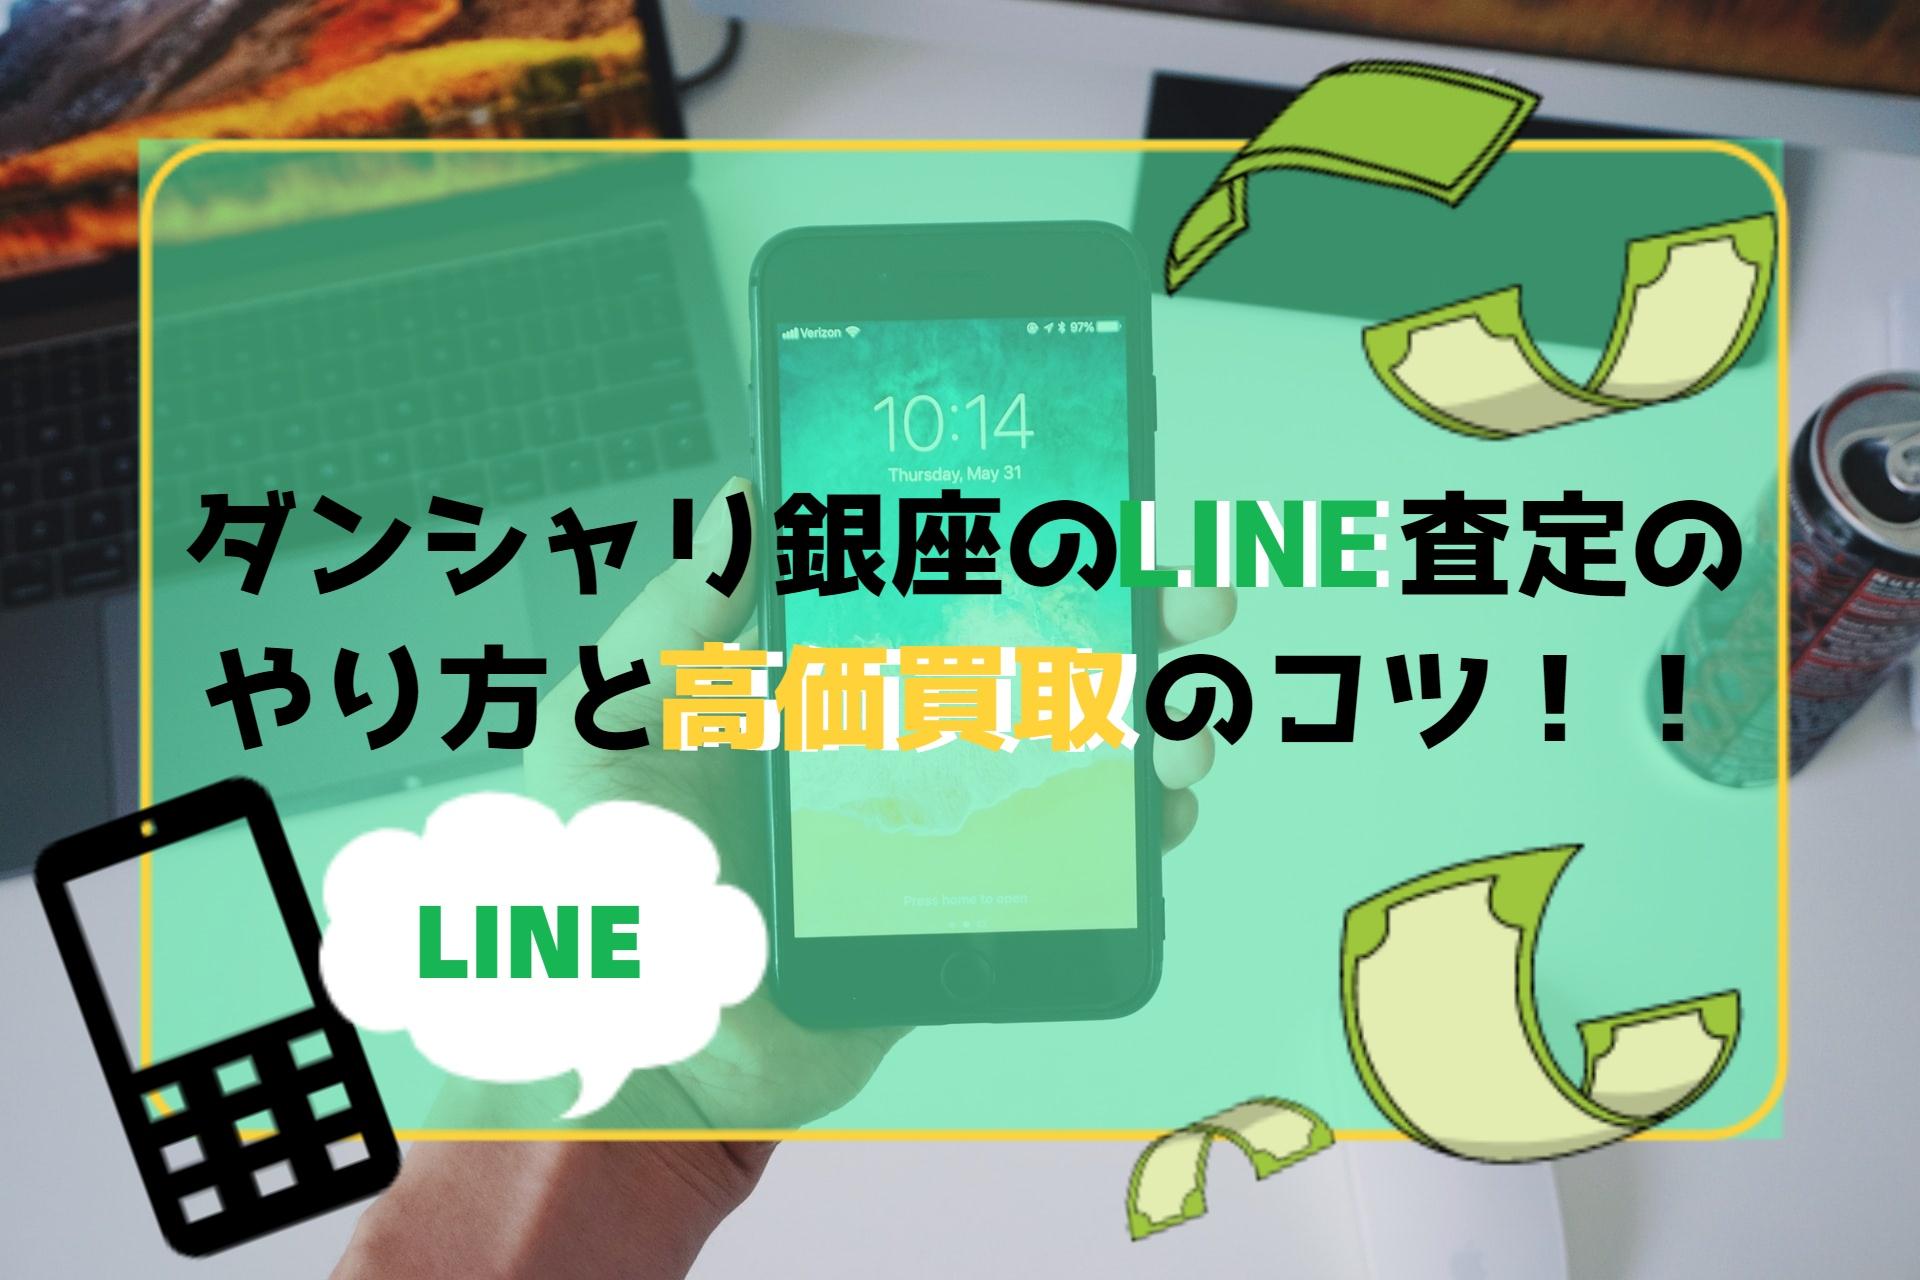 ダンシャリ銀座のLINE査定のやり方と高価買取のコツ!!